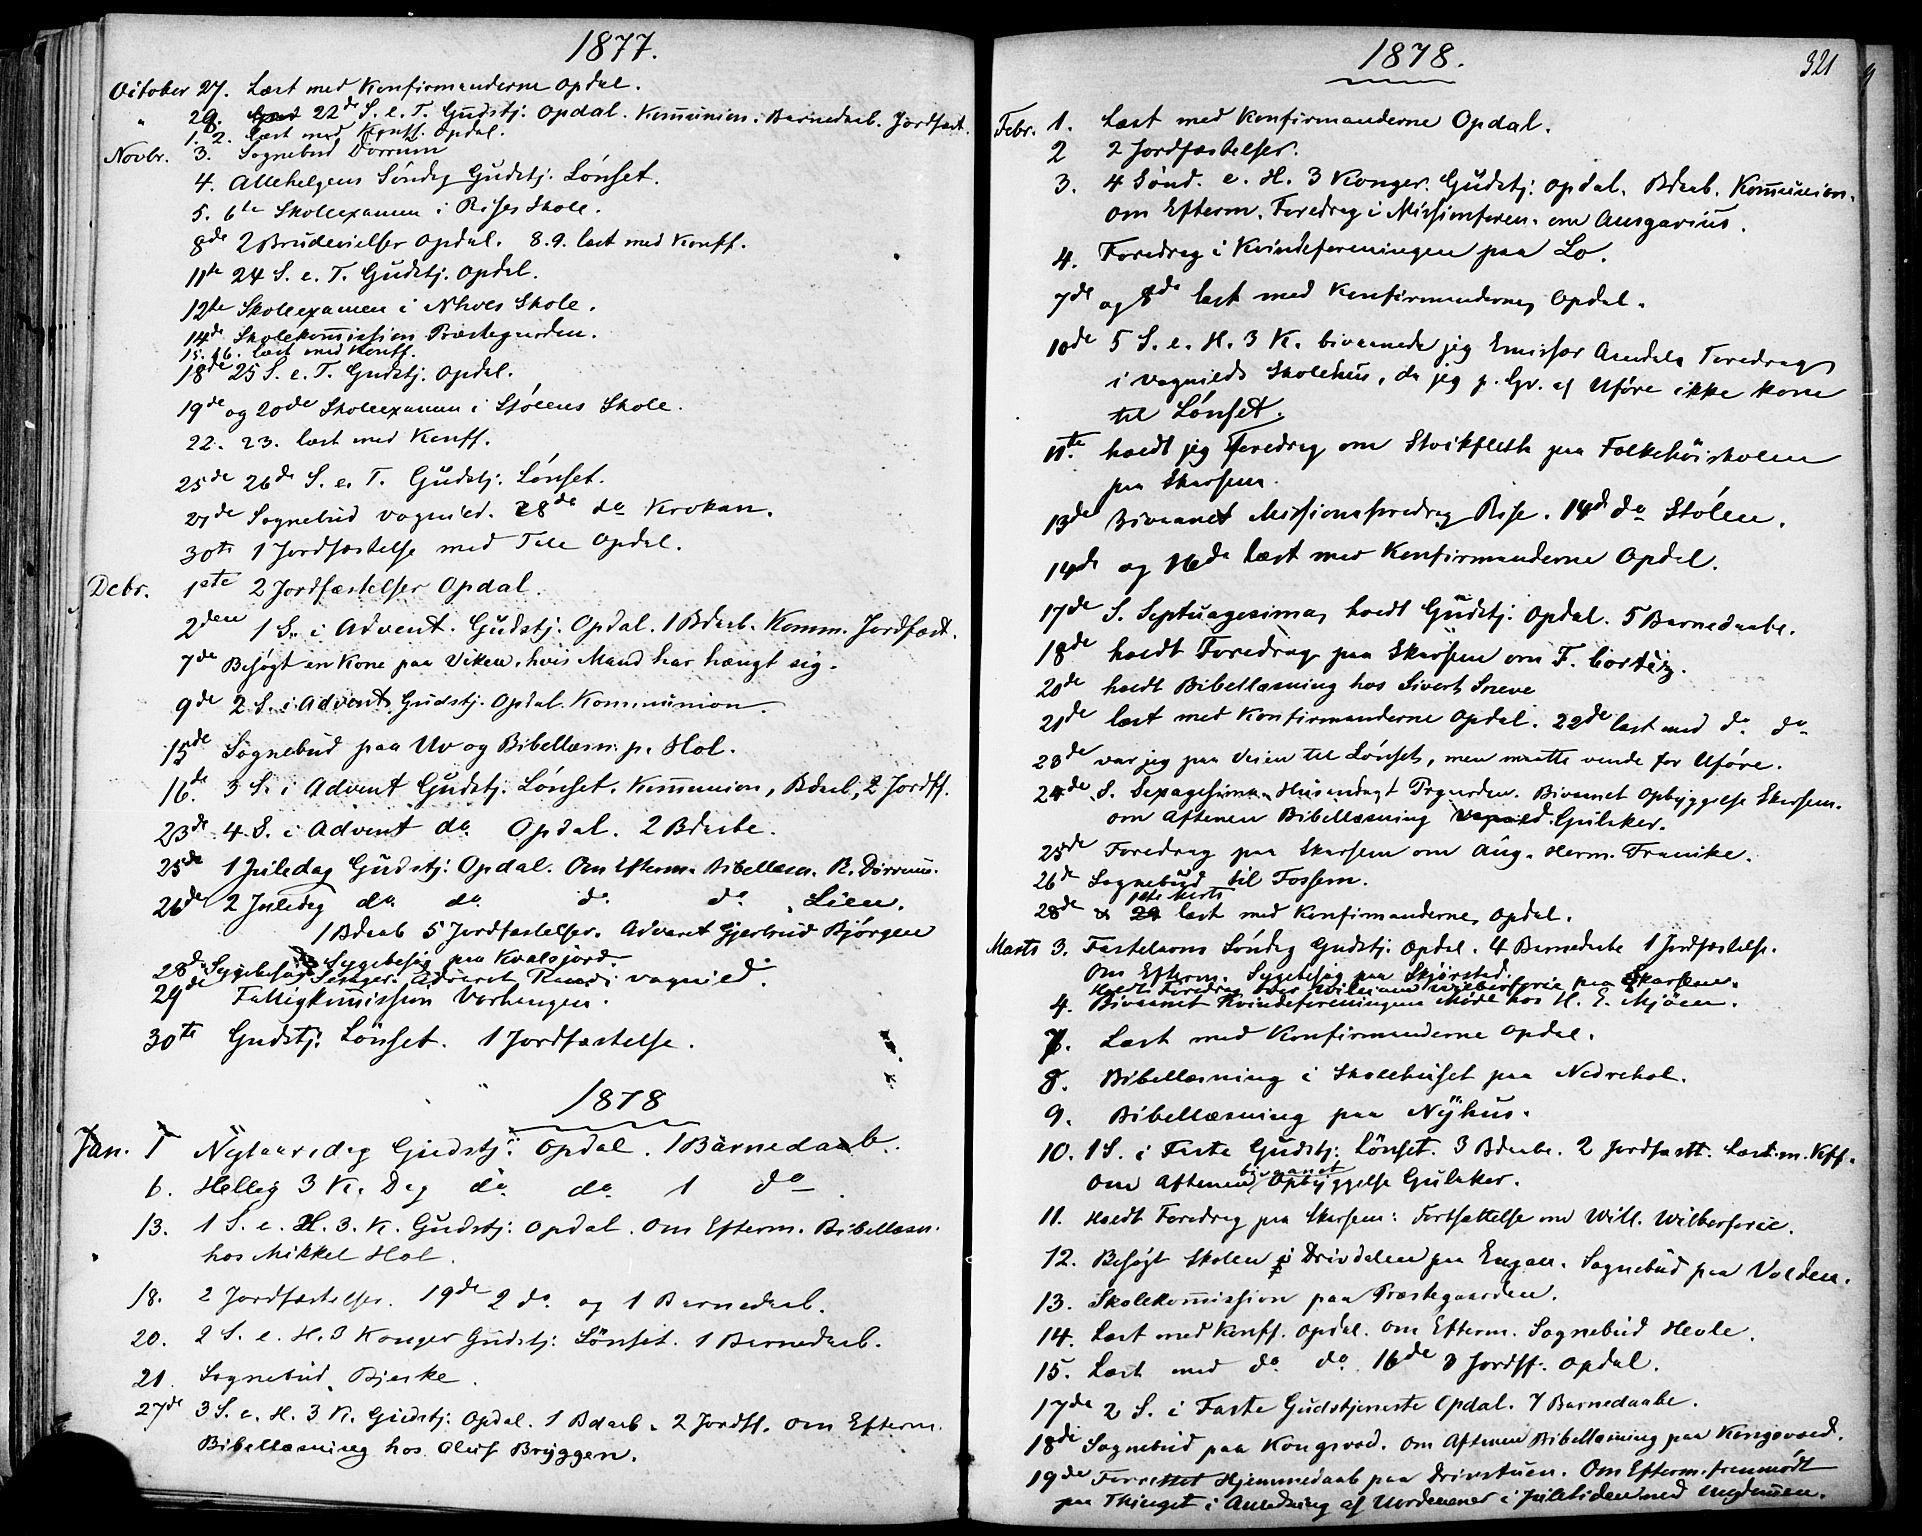 SAT, Ministerialprotokoller, klokkerbøker og fødselsregistre - Sør-Trøndelag, 678/L0900: Ministerialbok nr. 678A09, 1872-1881, s. 321